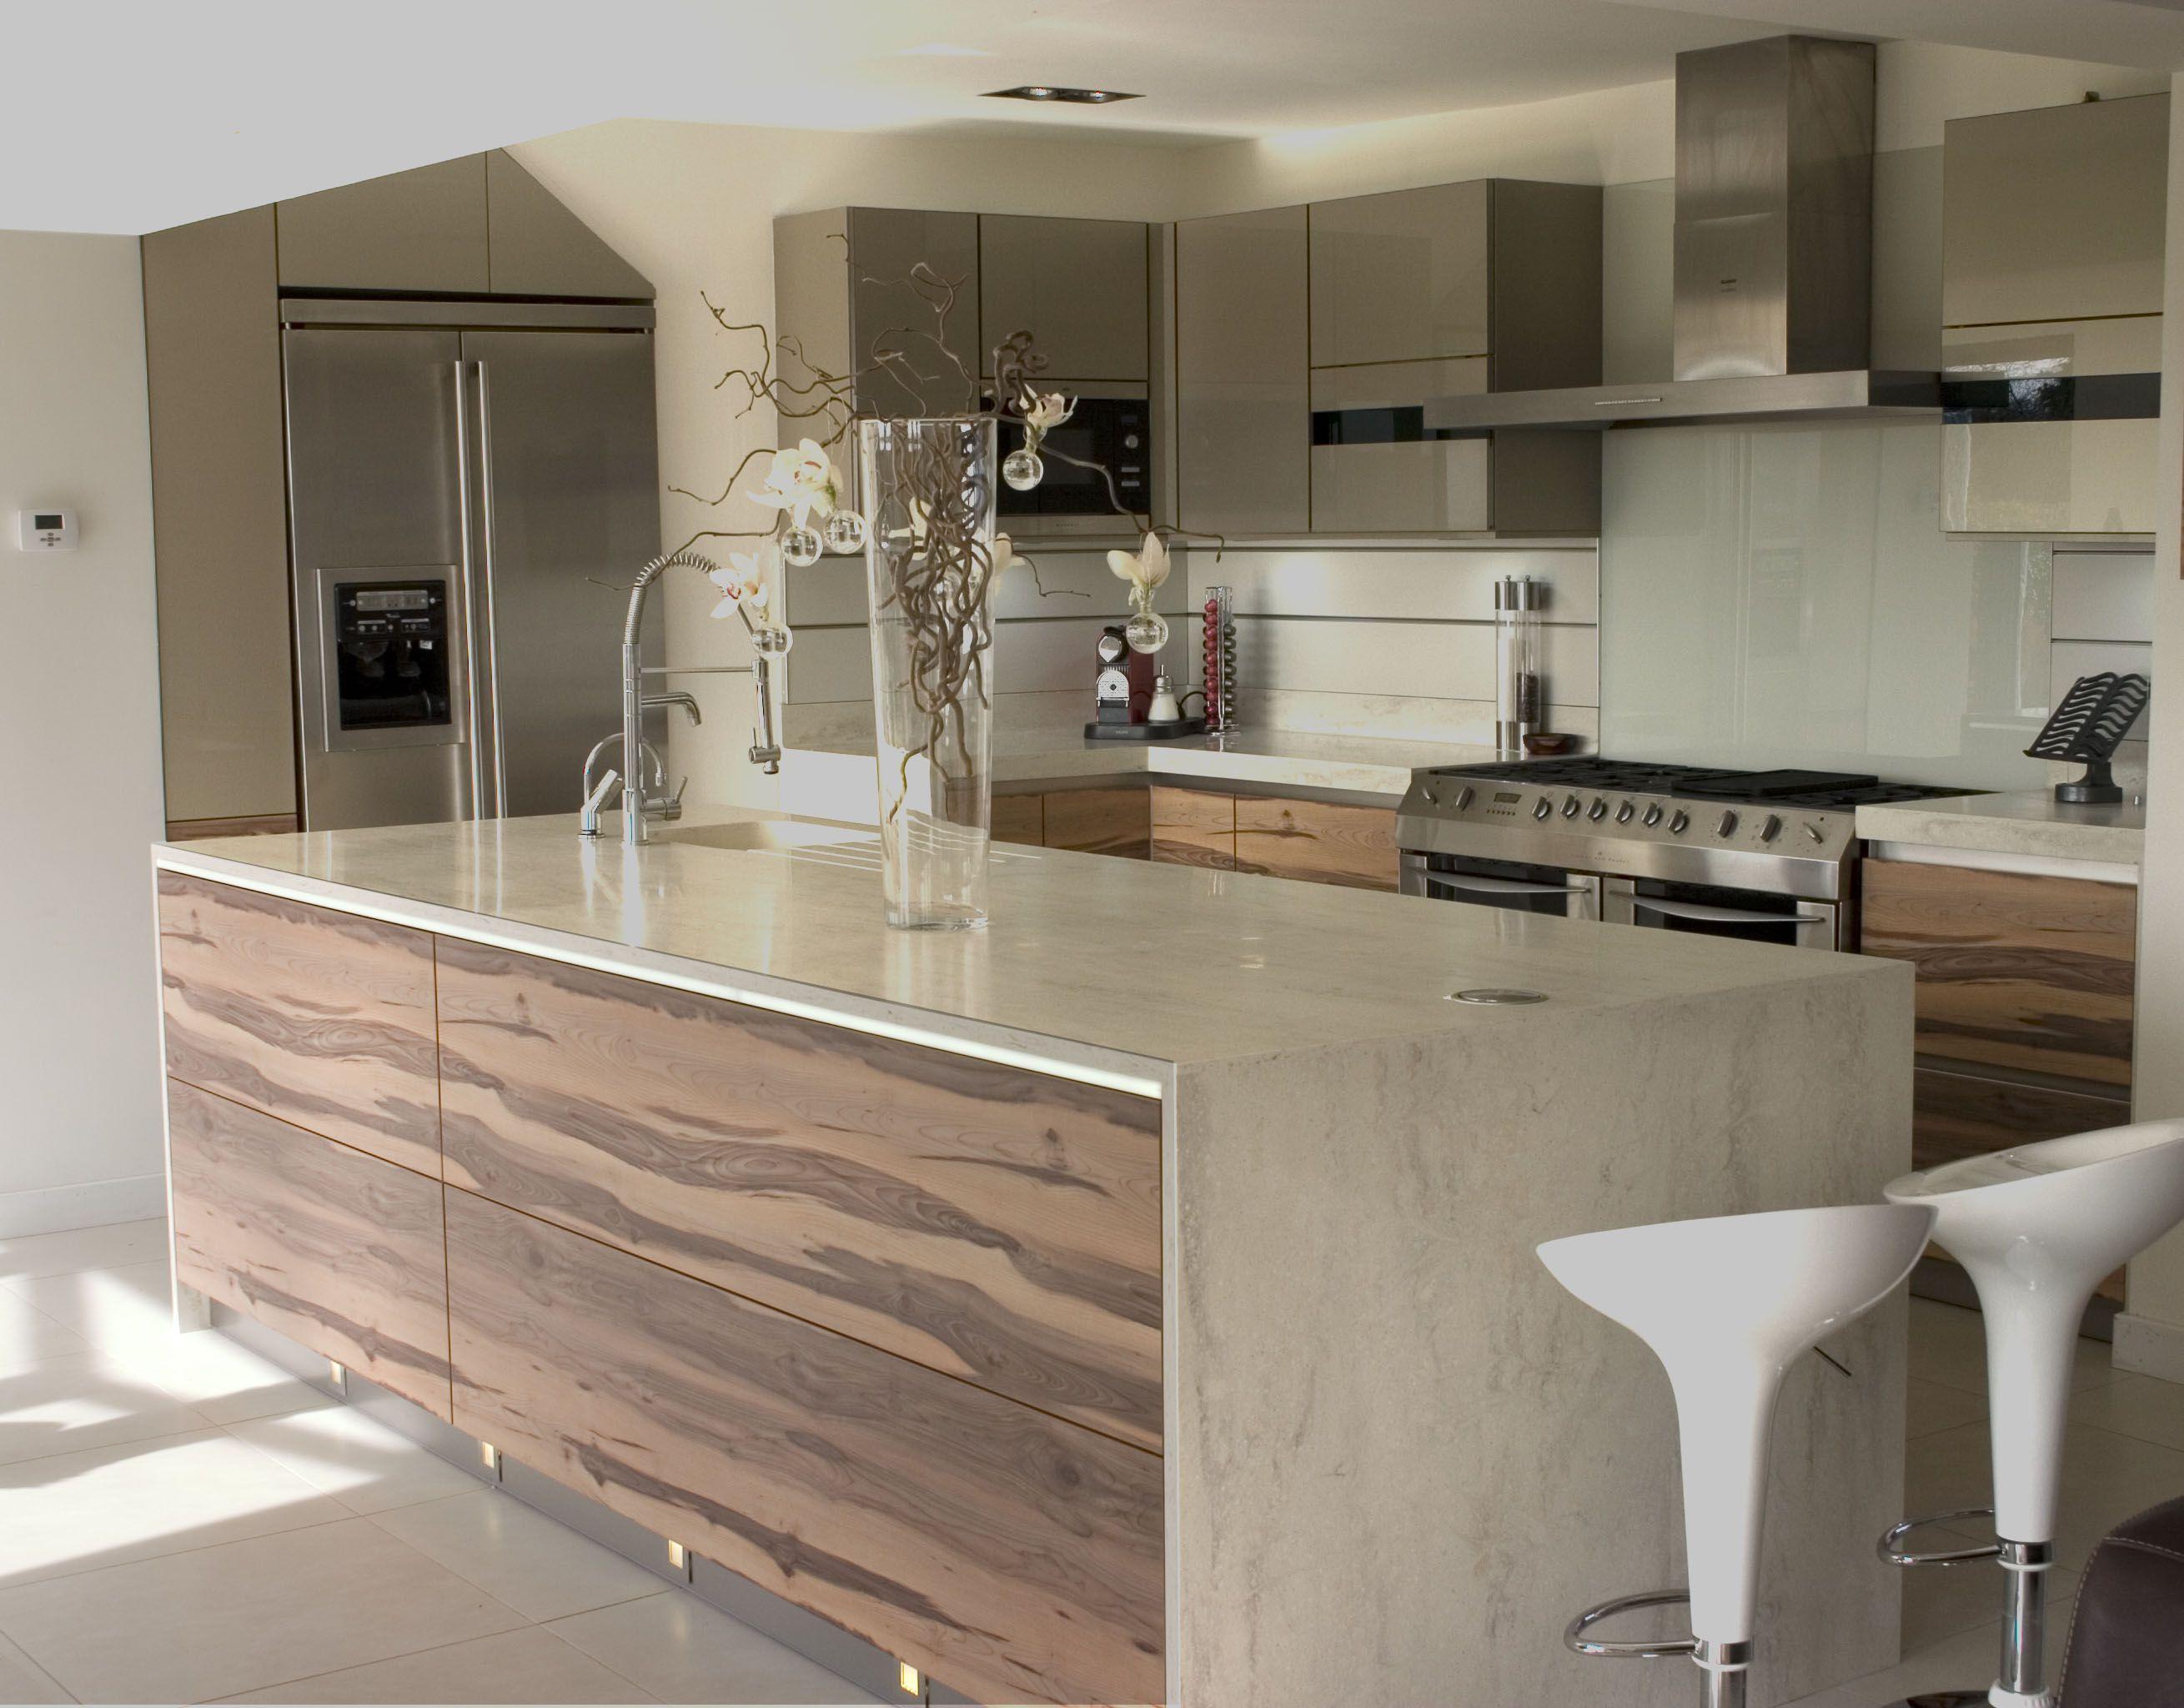 lights bunch island modern kitchen design ideas lighting islands light pendant bronze of